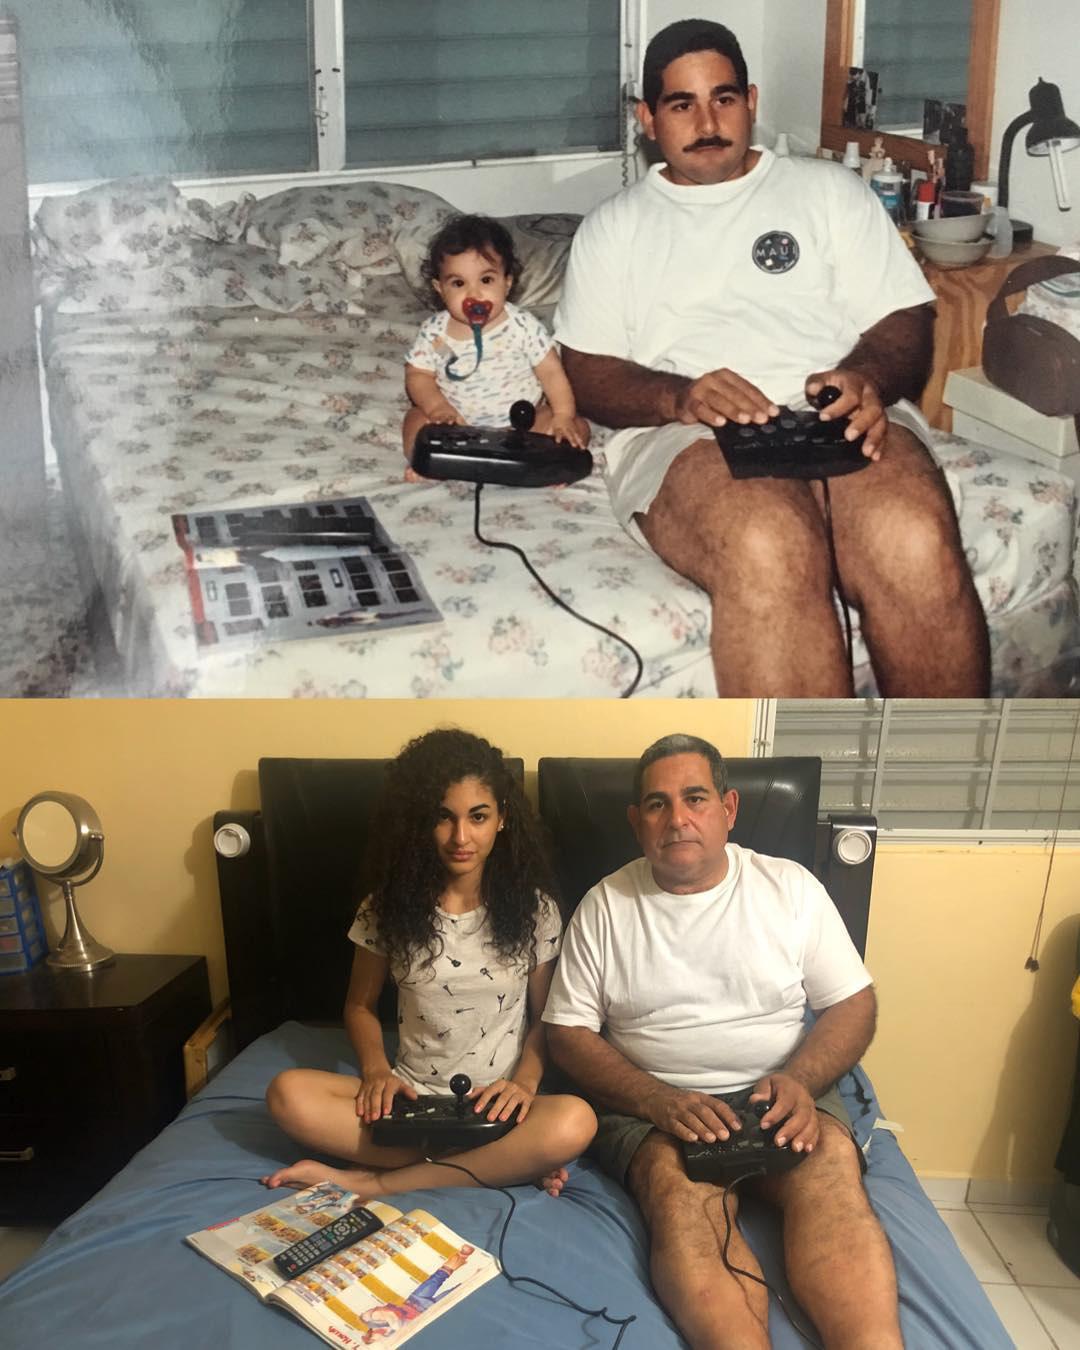 Các bố mẹ thi nhau khoe những bức hình chụp con ngày ấy - bây giờ, điều thú vị nằm ở 1 chi tiết đặc biệt - Ảnh 19